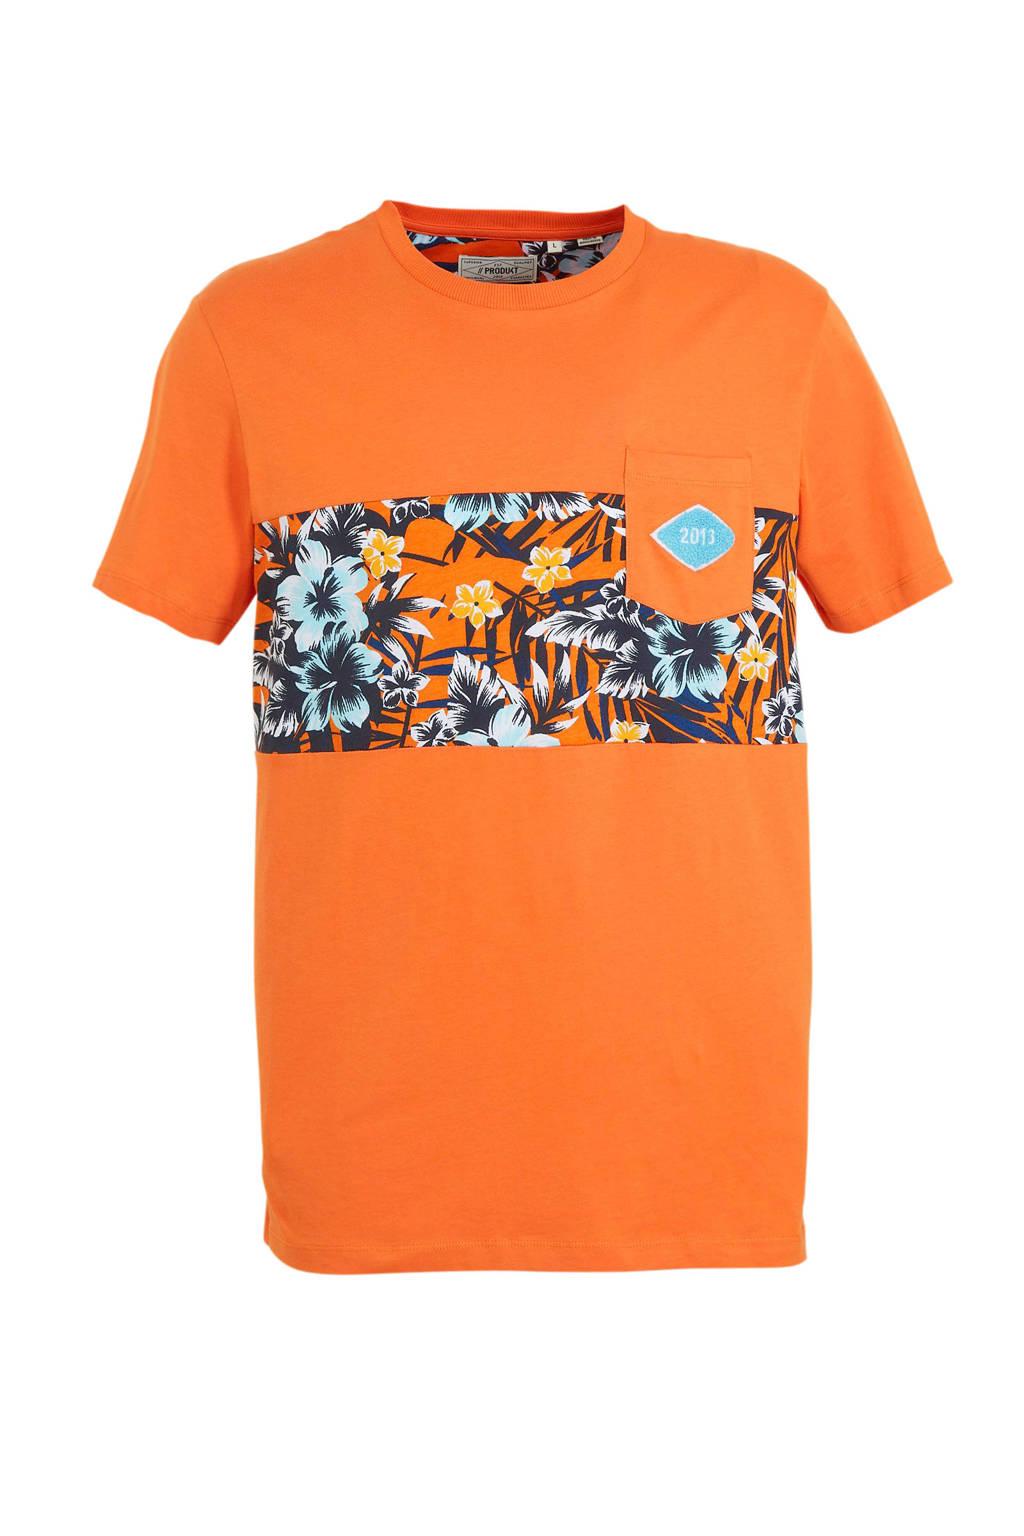 PRODUKT T-shirt Pktgms met printopdruk oranje, Oranje